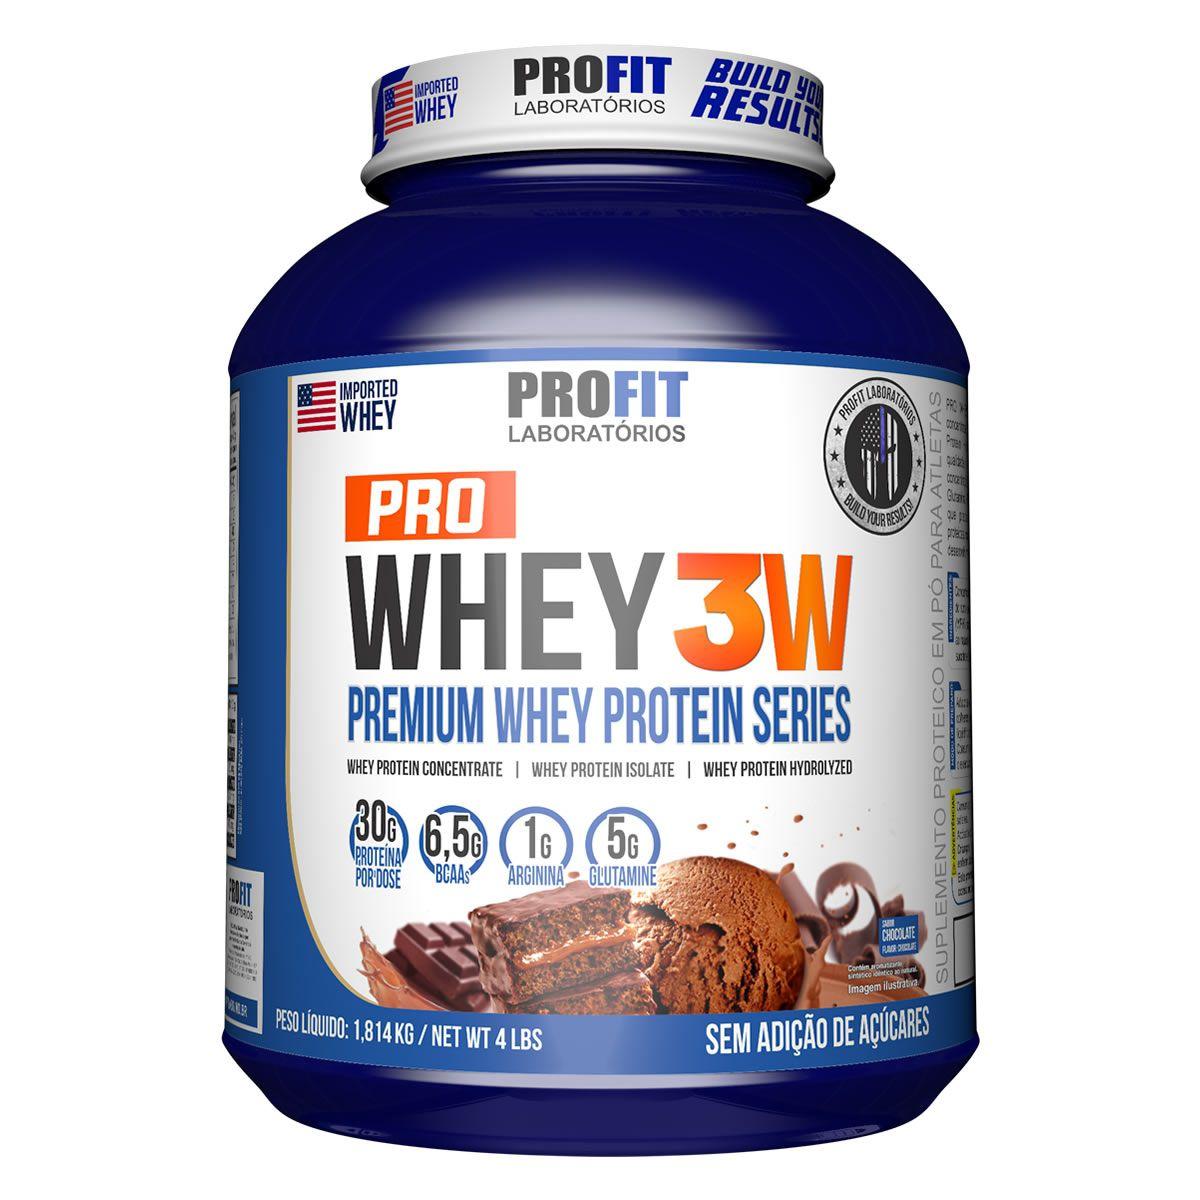 Pro Whey 3W 1.8kg - Profit